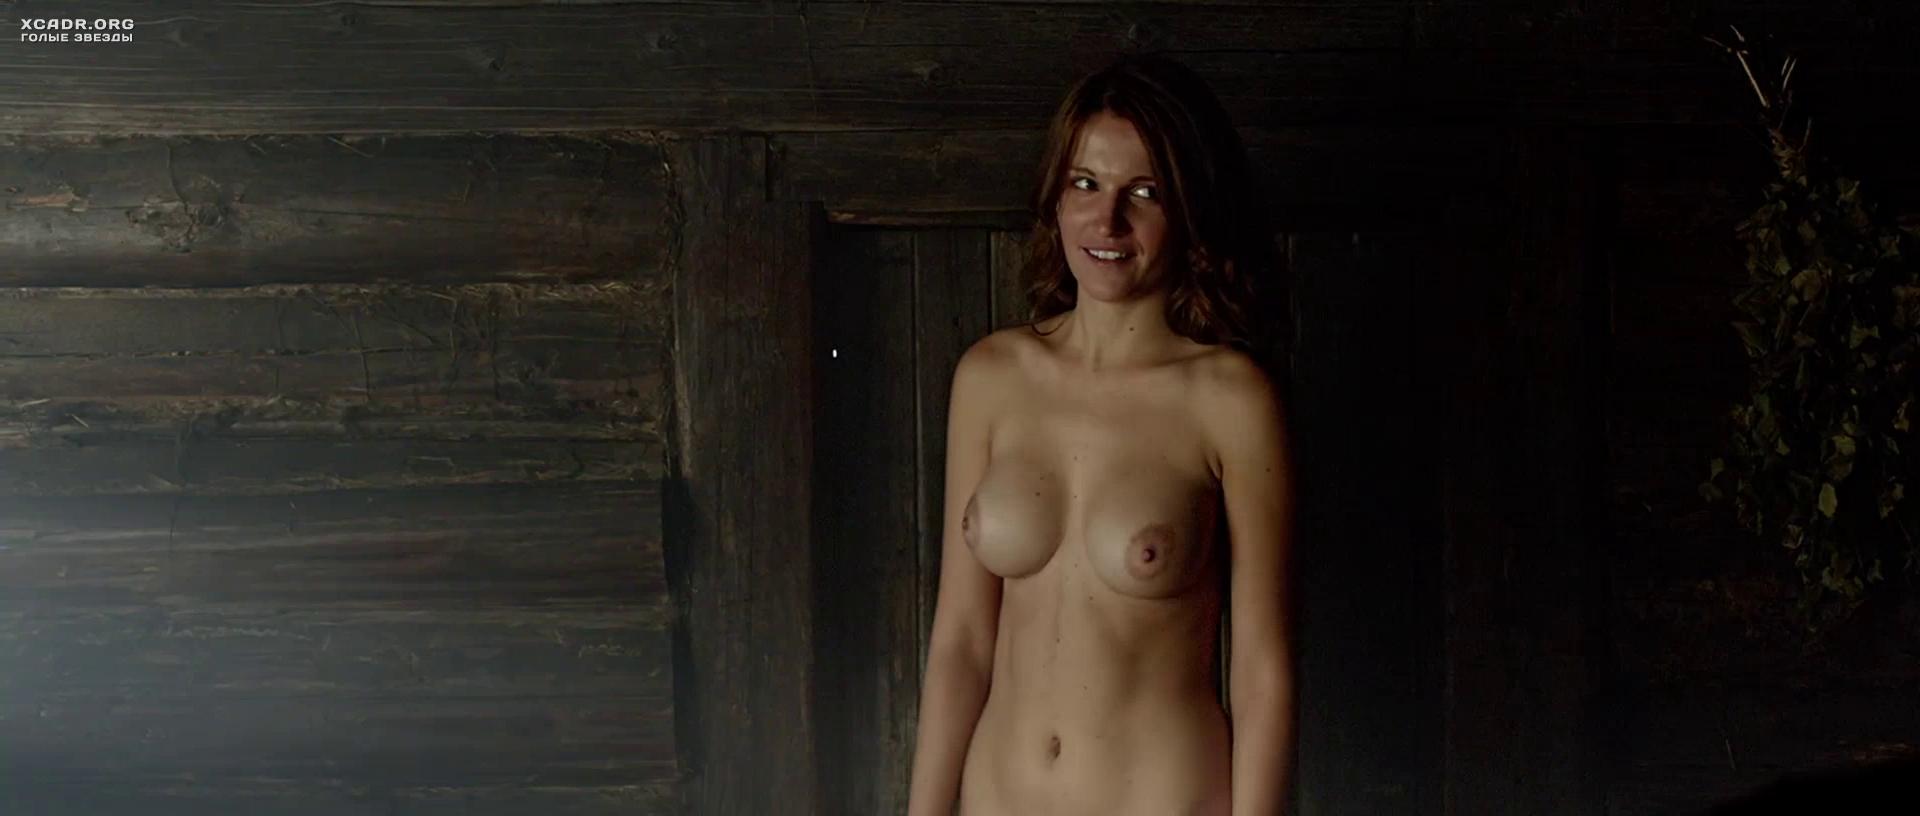 эротические моменты из фильма